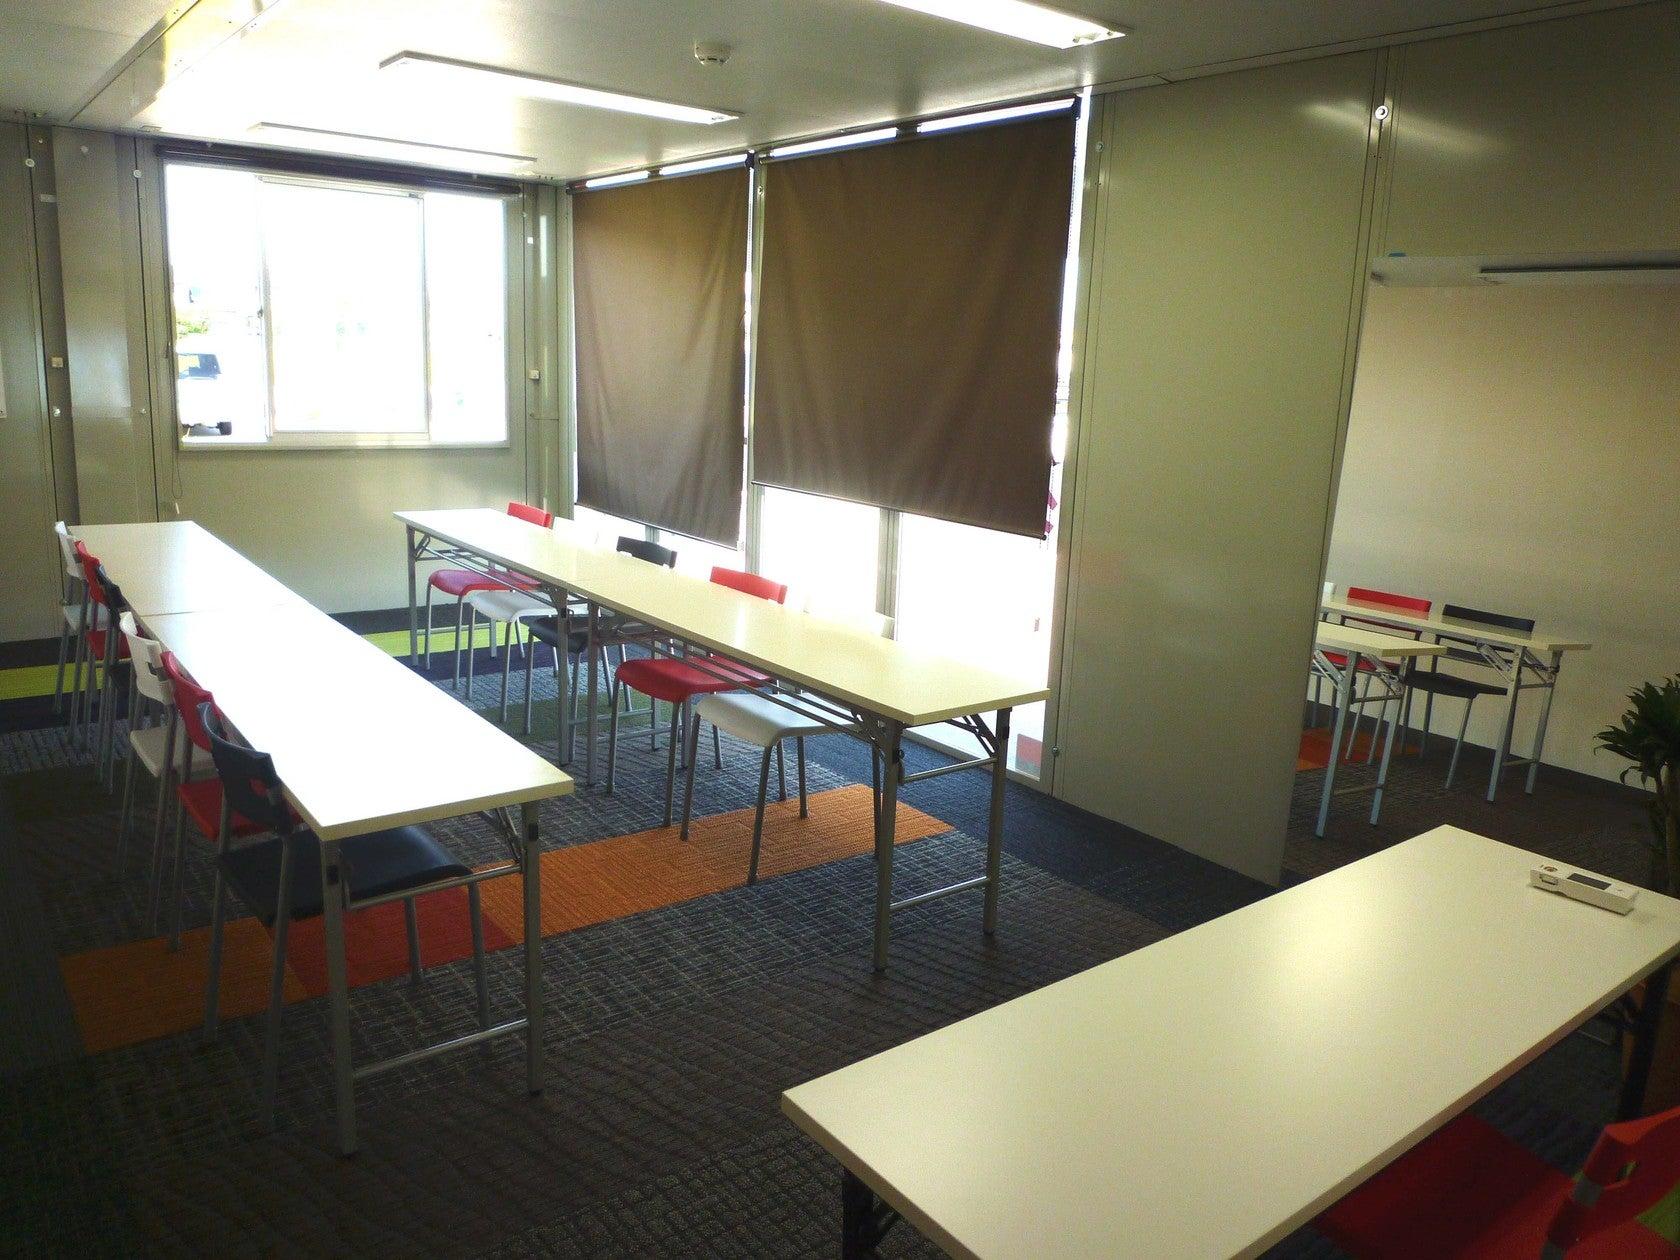 気軽に借りられるコンパクトな会議室。(ちょっとした打合せや会合に手頃な会議室。カルチャー教室や小さなイベントにも。) の写真0